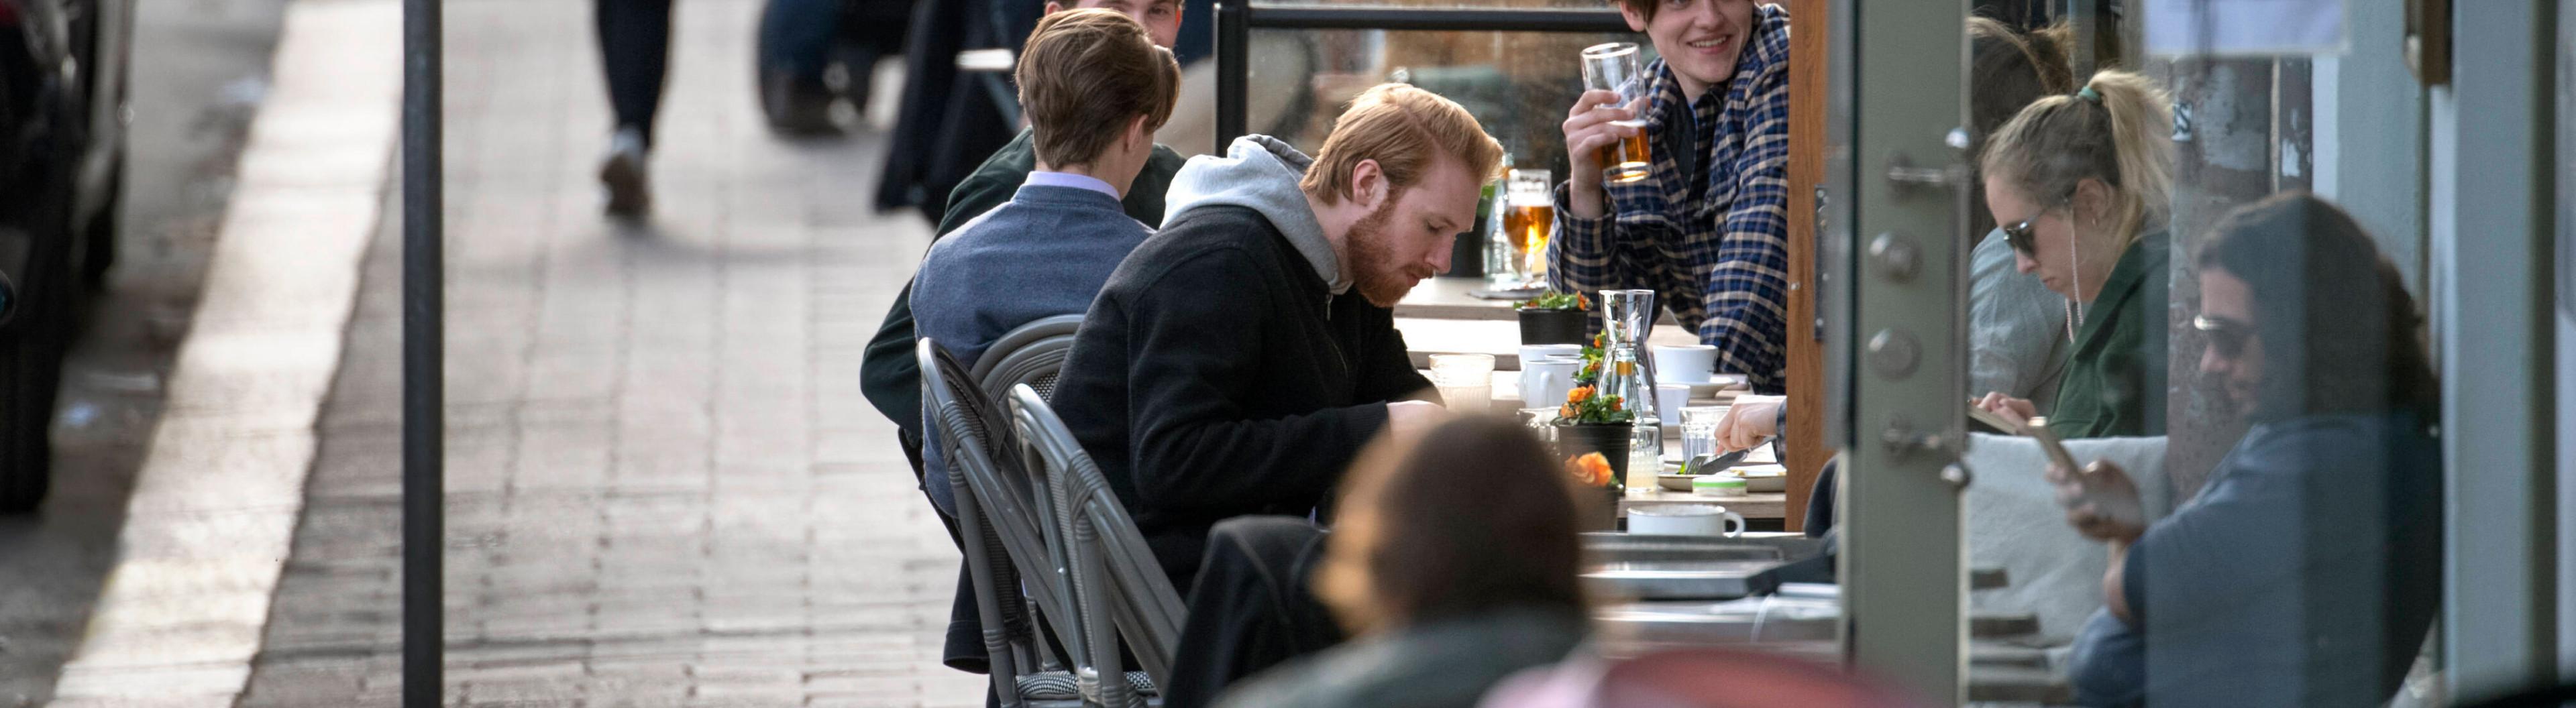 Menschen in Stockholm sitzen in Cafe während Corona Pandemie, 20.04.2020